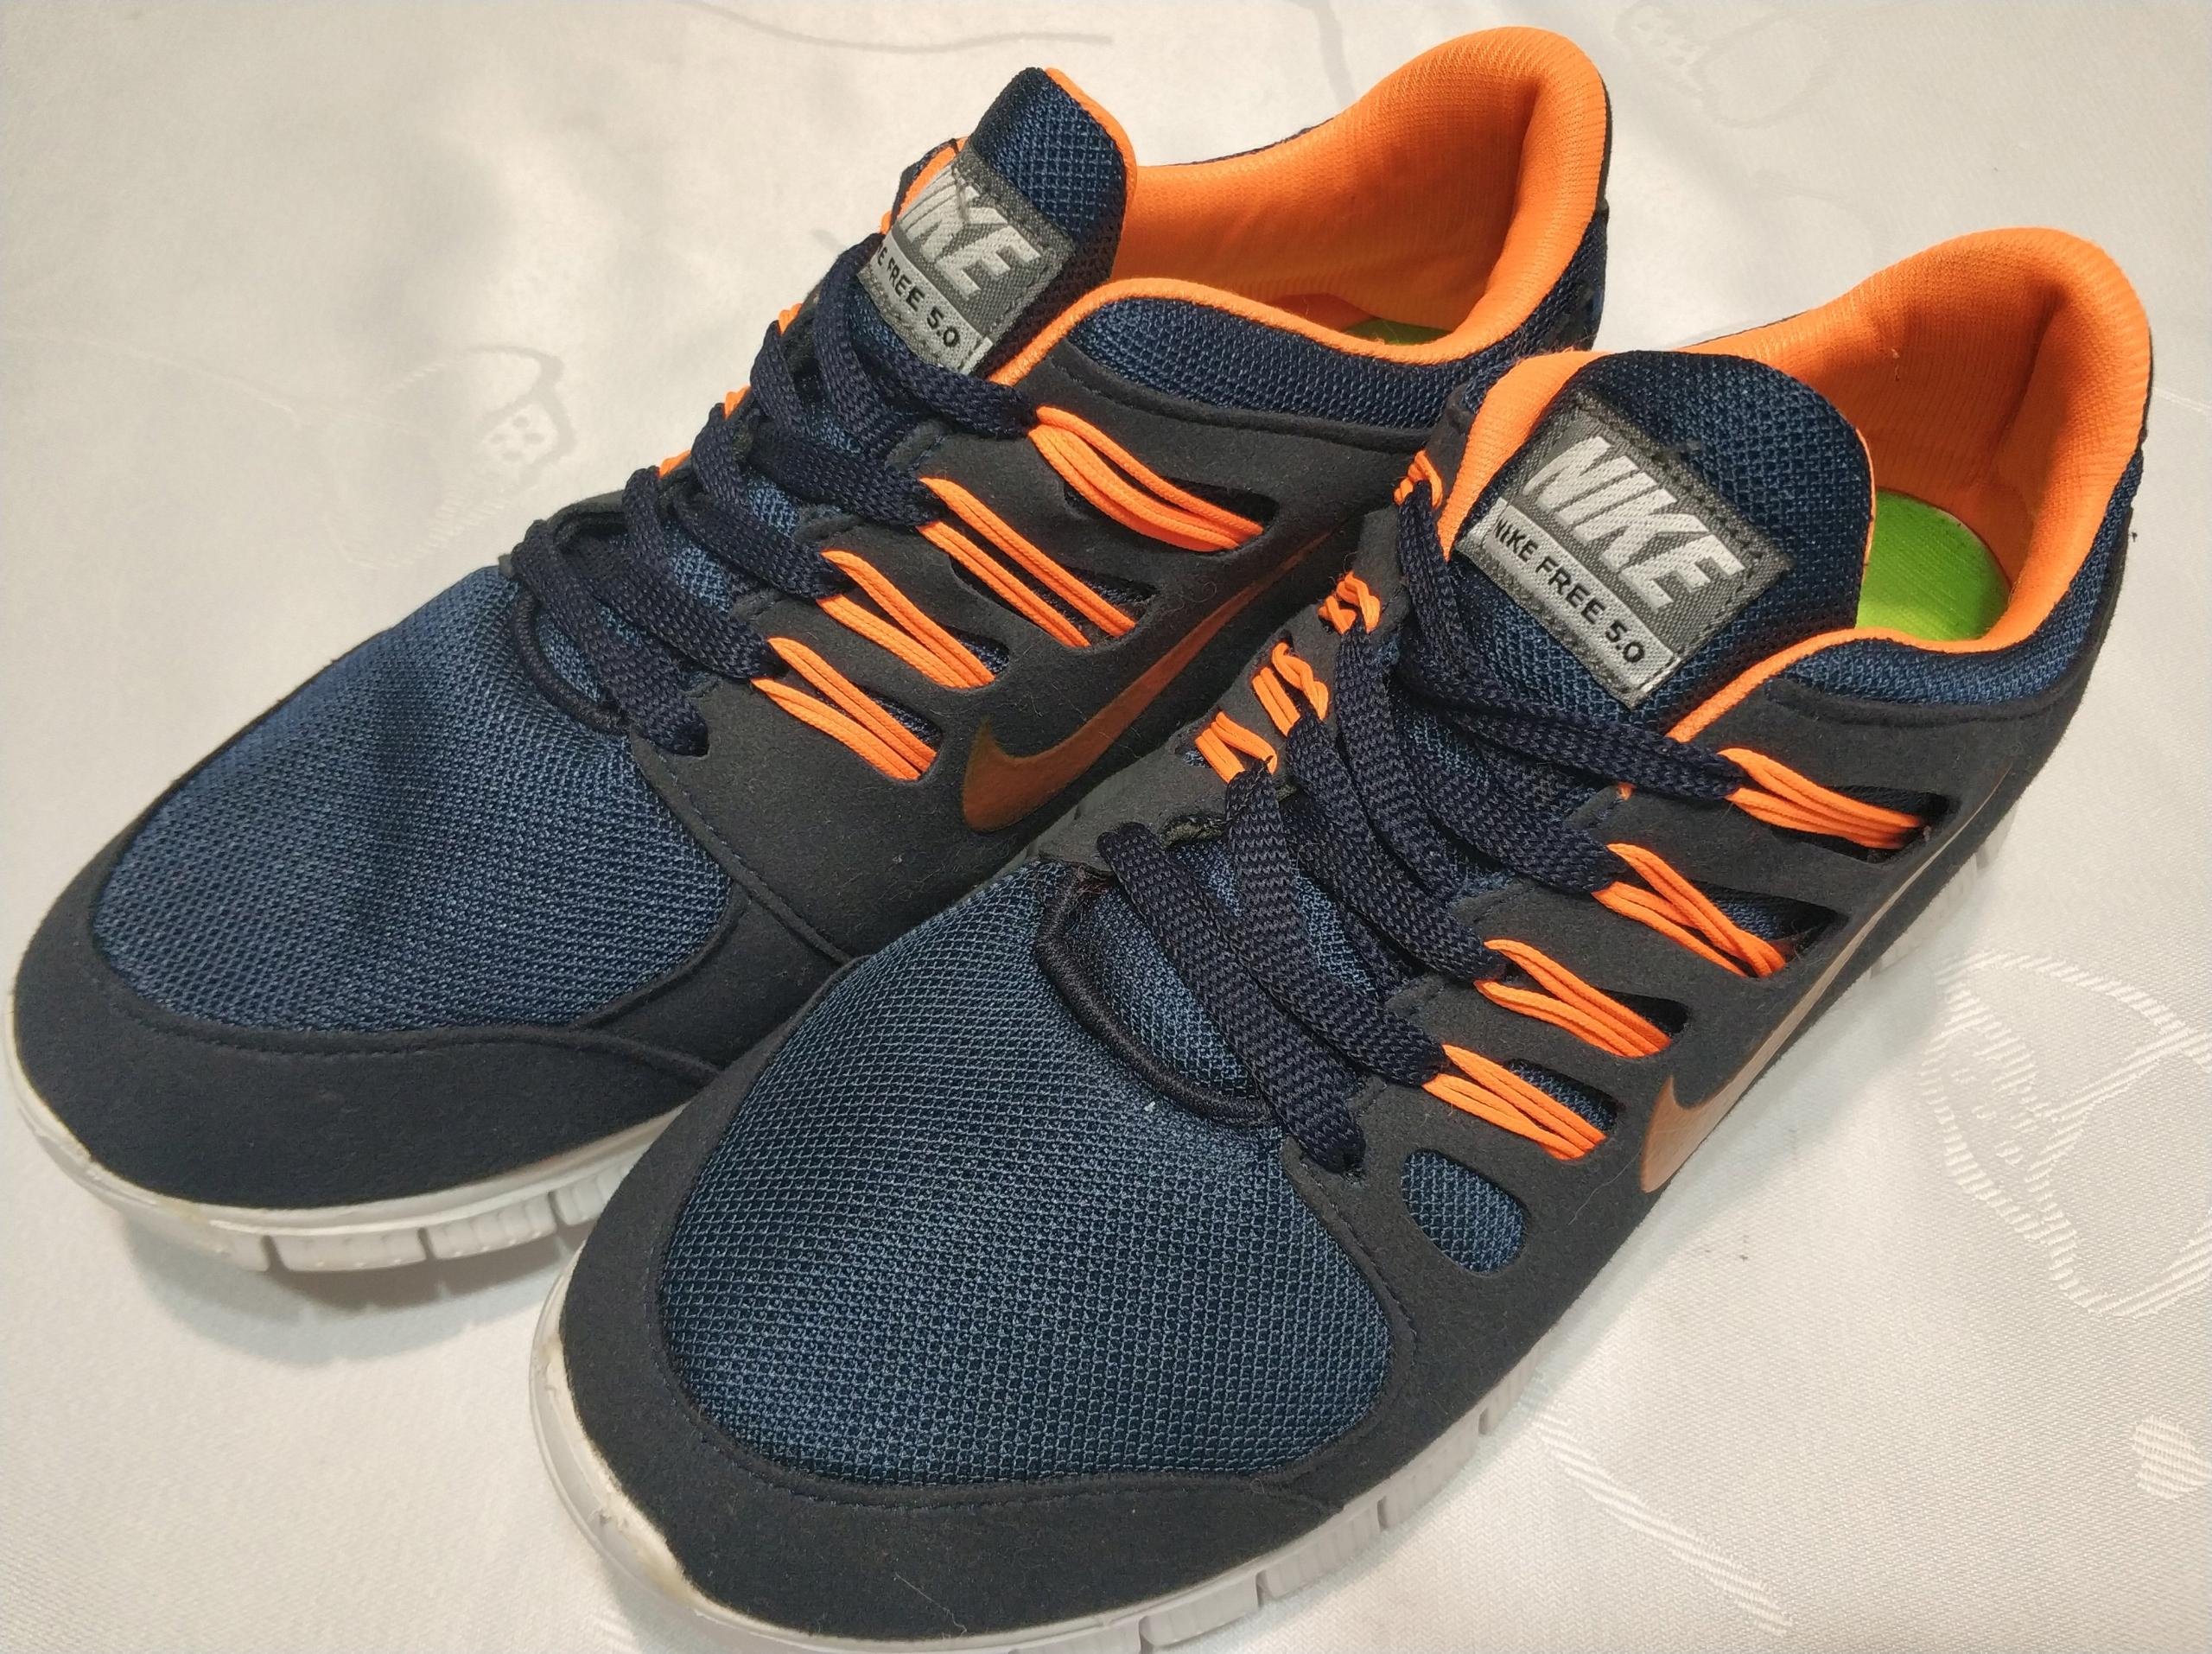 NIKE FREE 5.0 buty do biegania r.40 NOWE